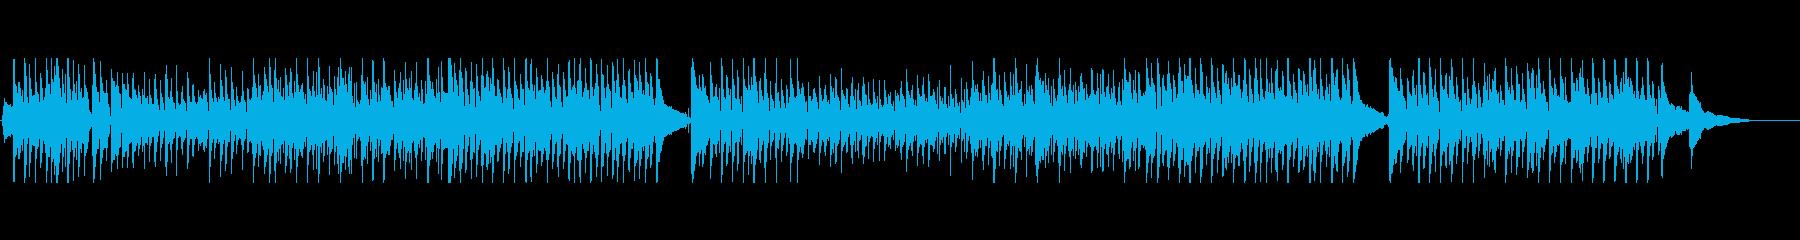 バイオリンとアコギのオーガニックな曲の再生済みの波形